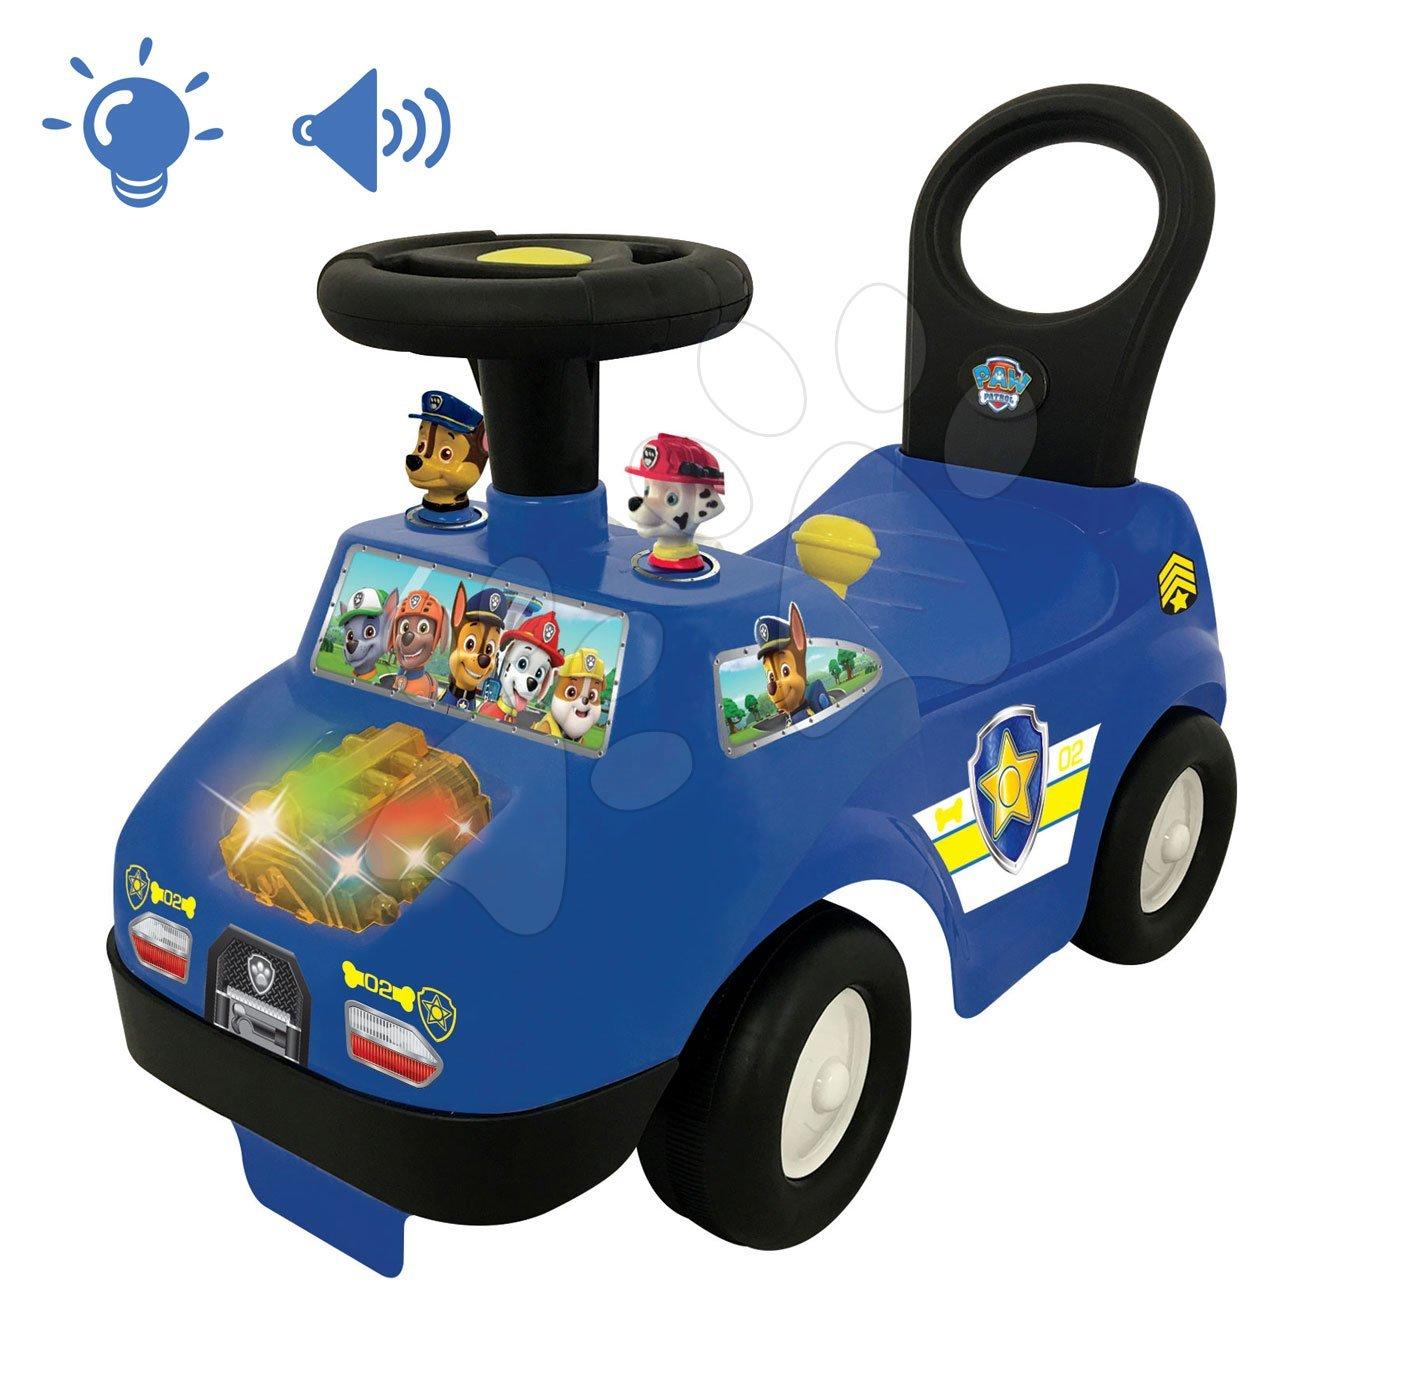 Poganjalec Policija Paw Patrol Kiddieland elektronski z zvokom in lučko od 12 mes